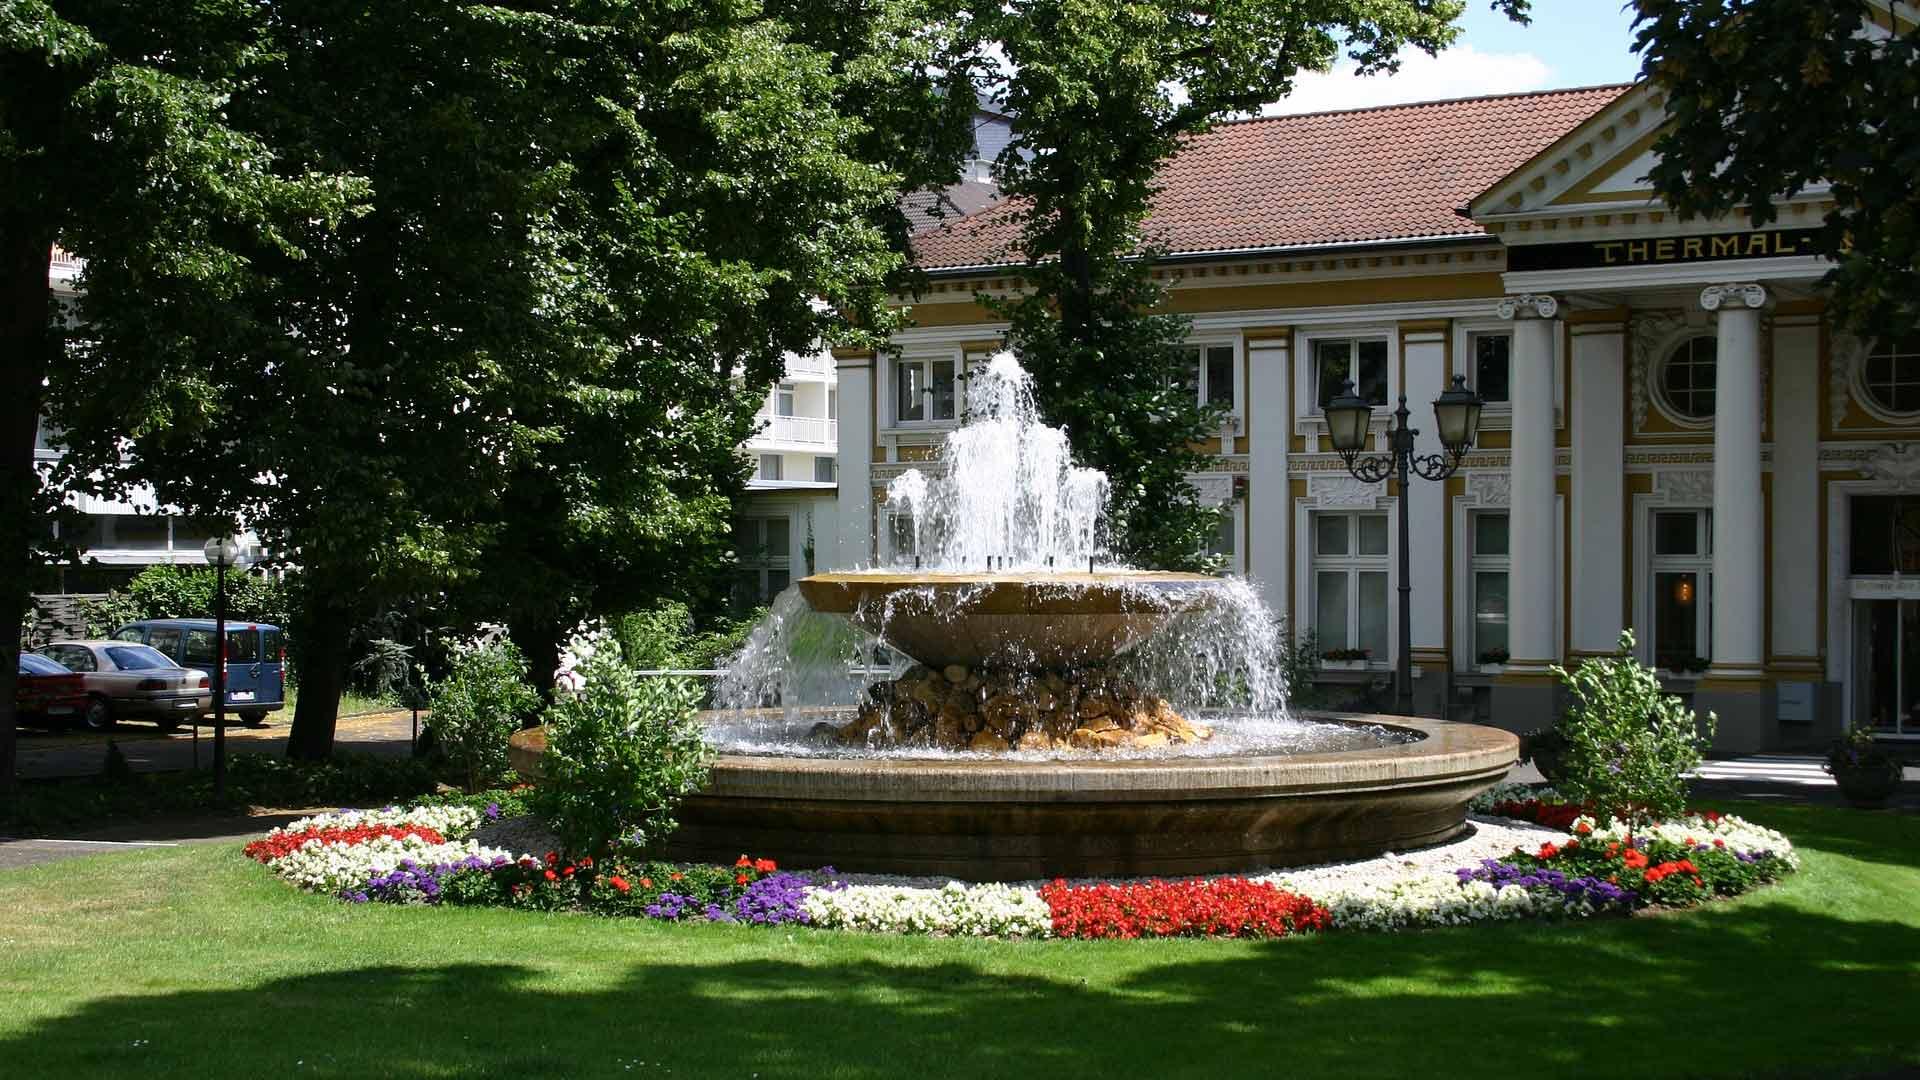 Bad Neuenahr in het Ahrtal is een bekend kuuroord.